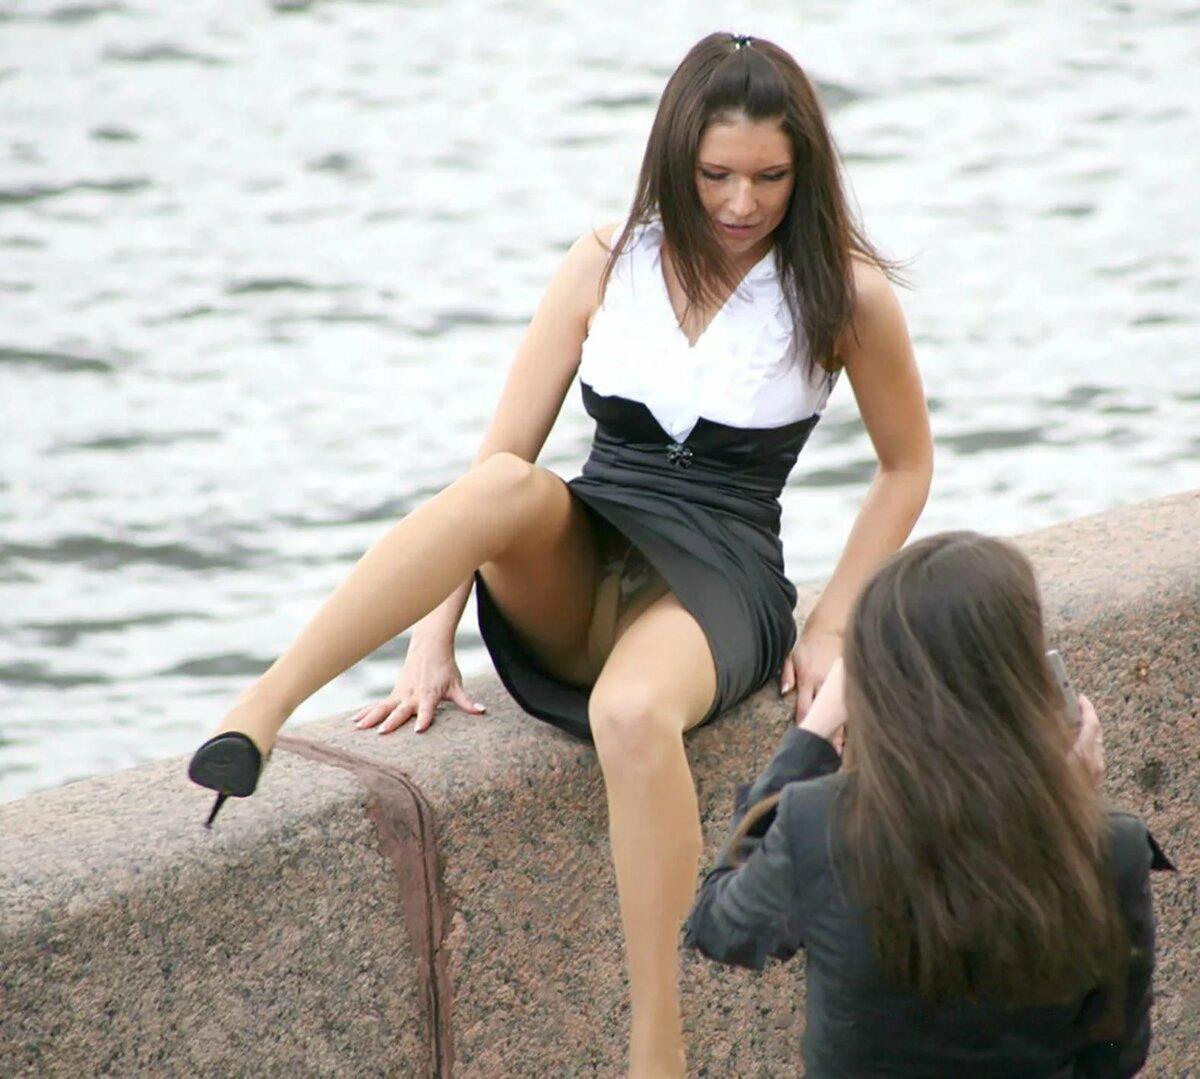 фото под юбкой у девушек сидящие держал пистолет